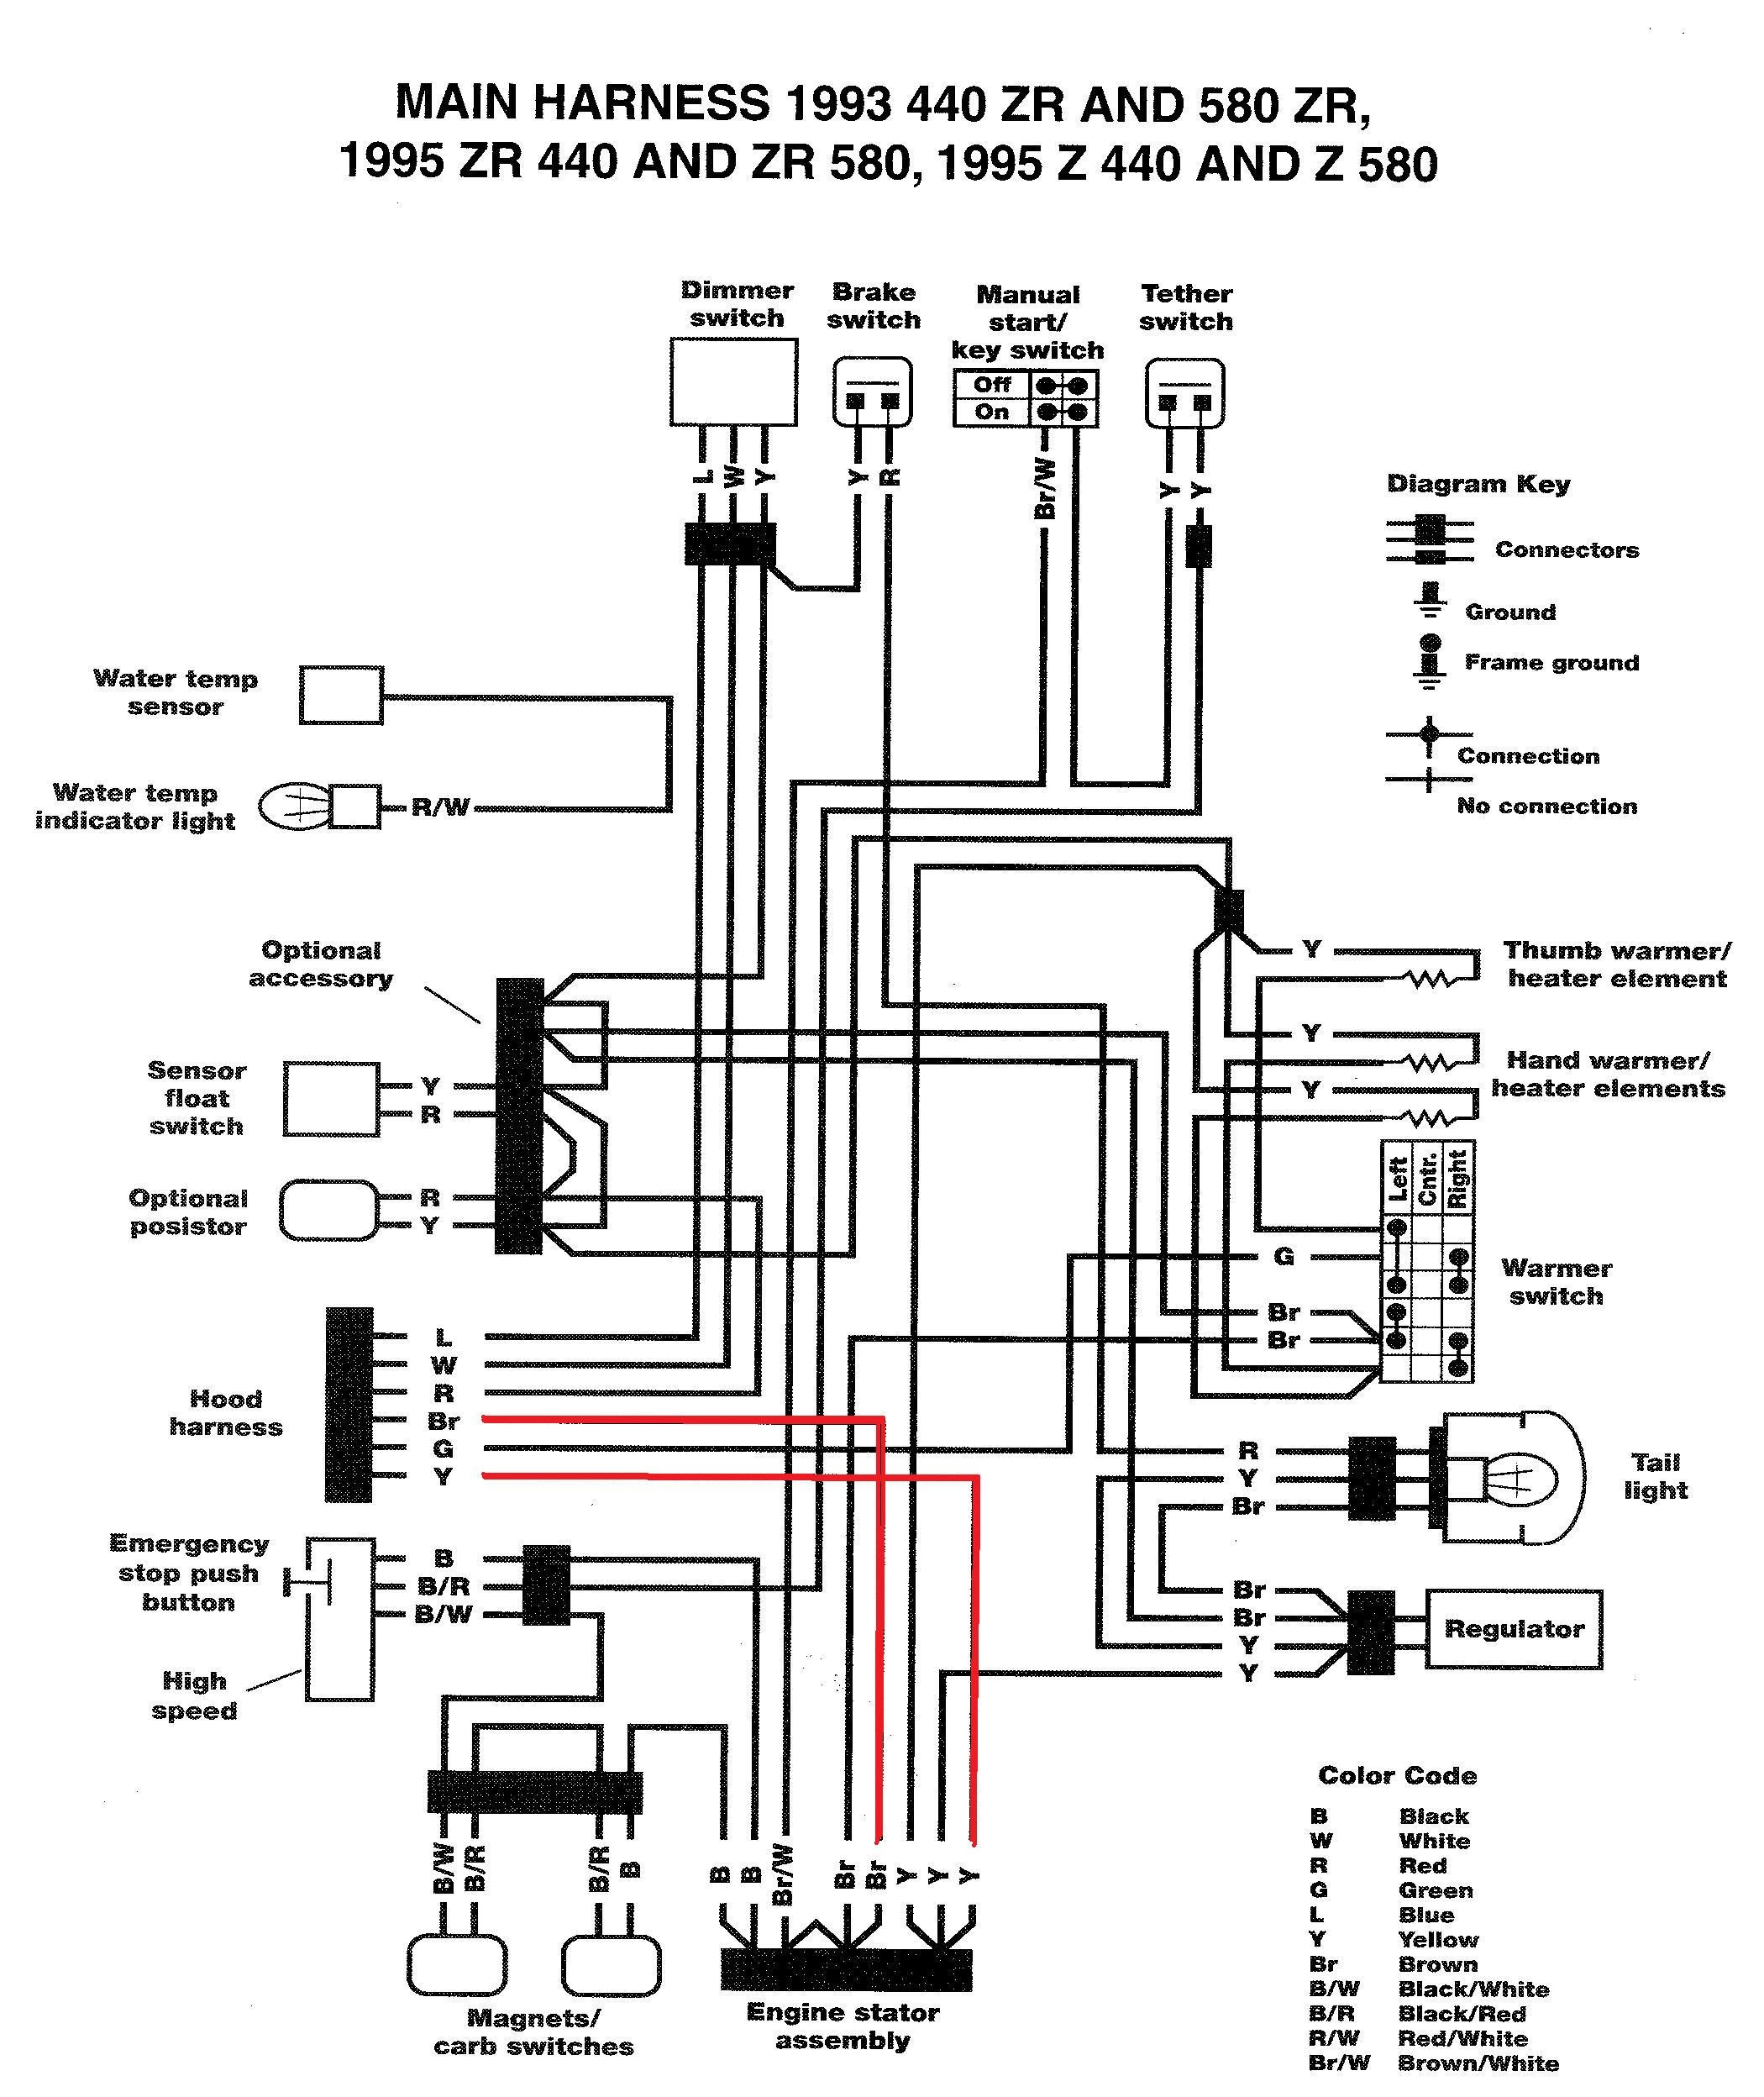 93 Yamaha Banshee Wiring Diagram